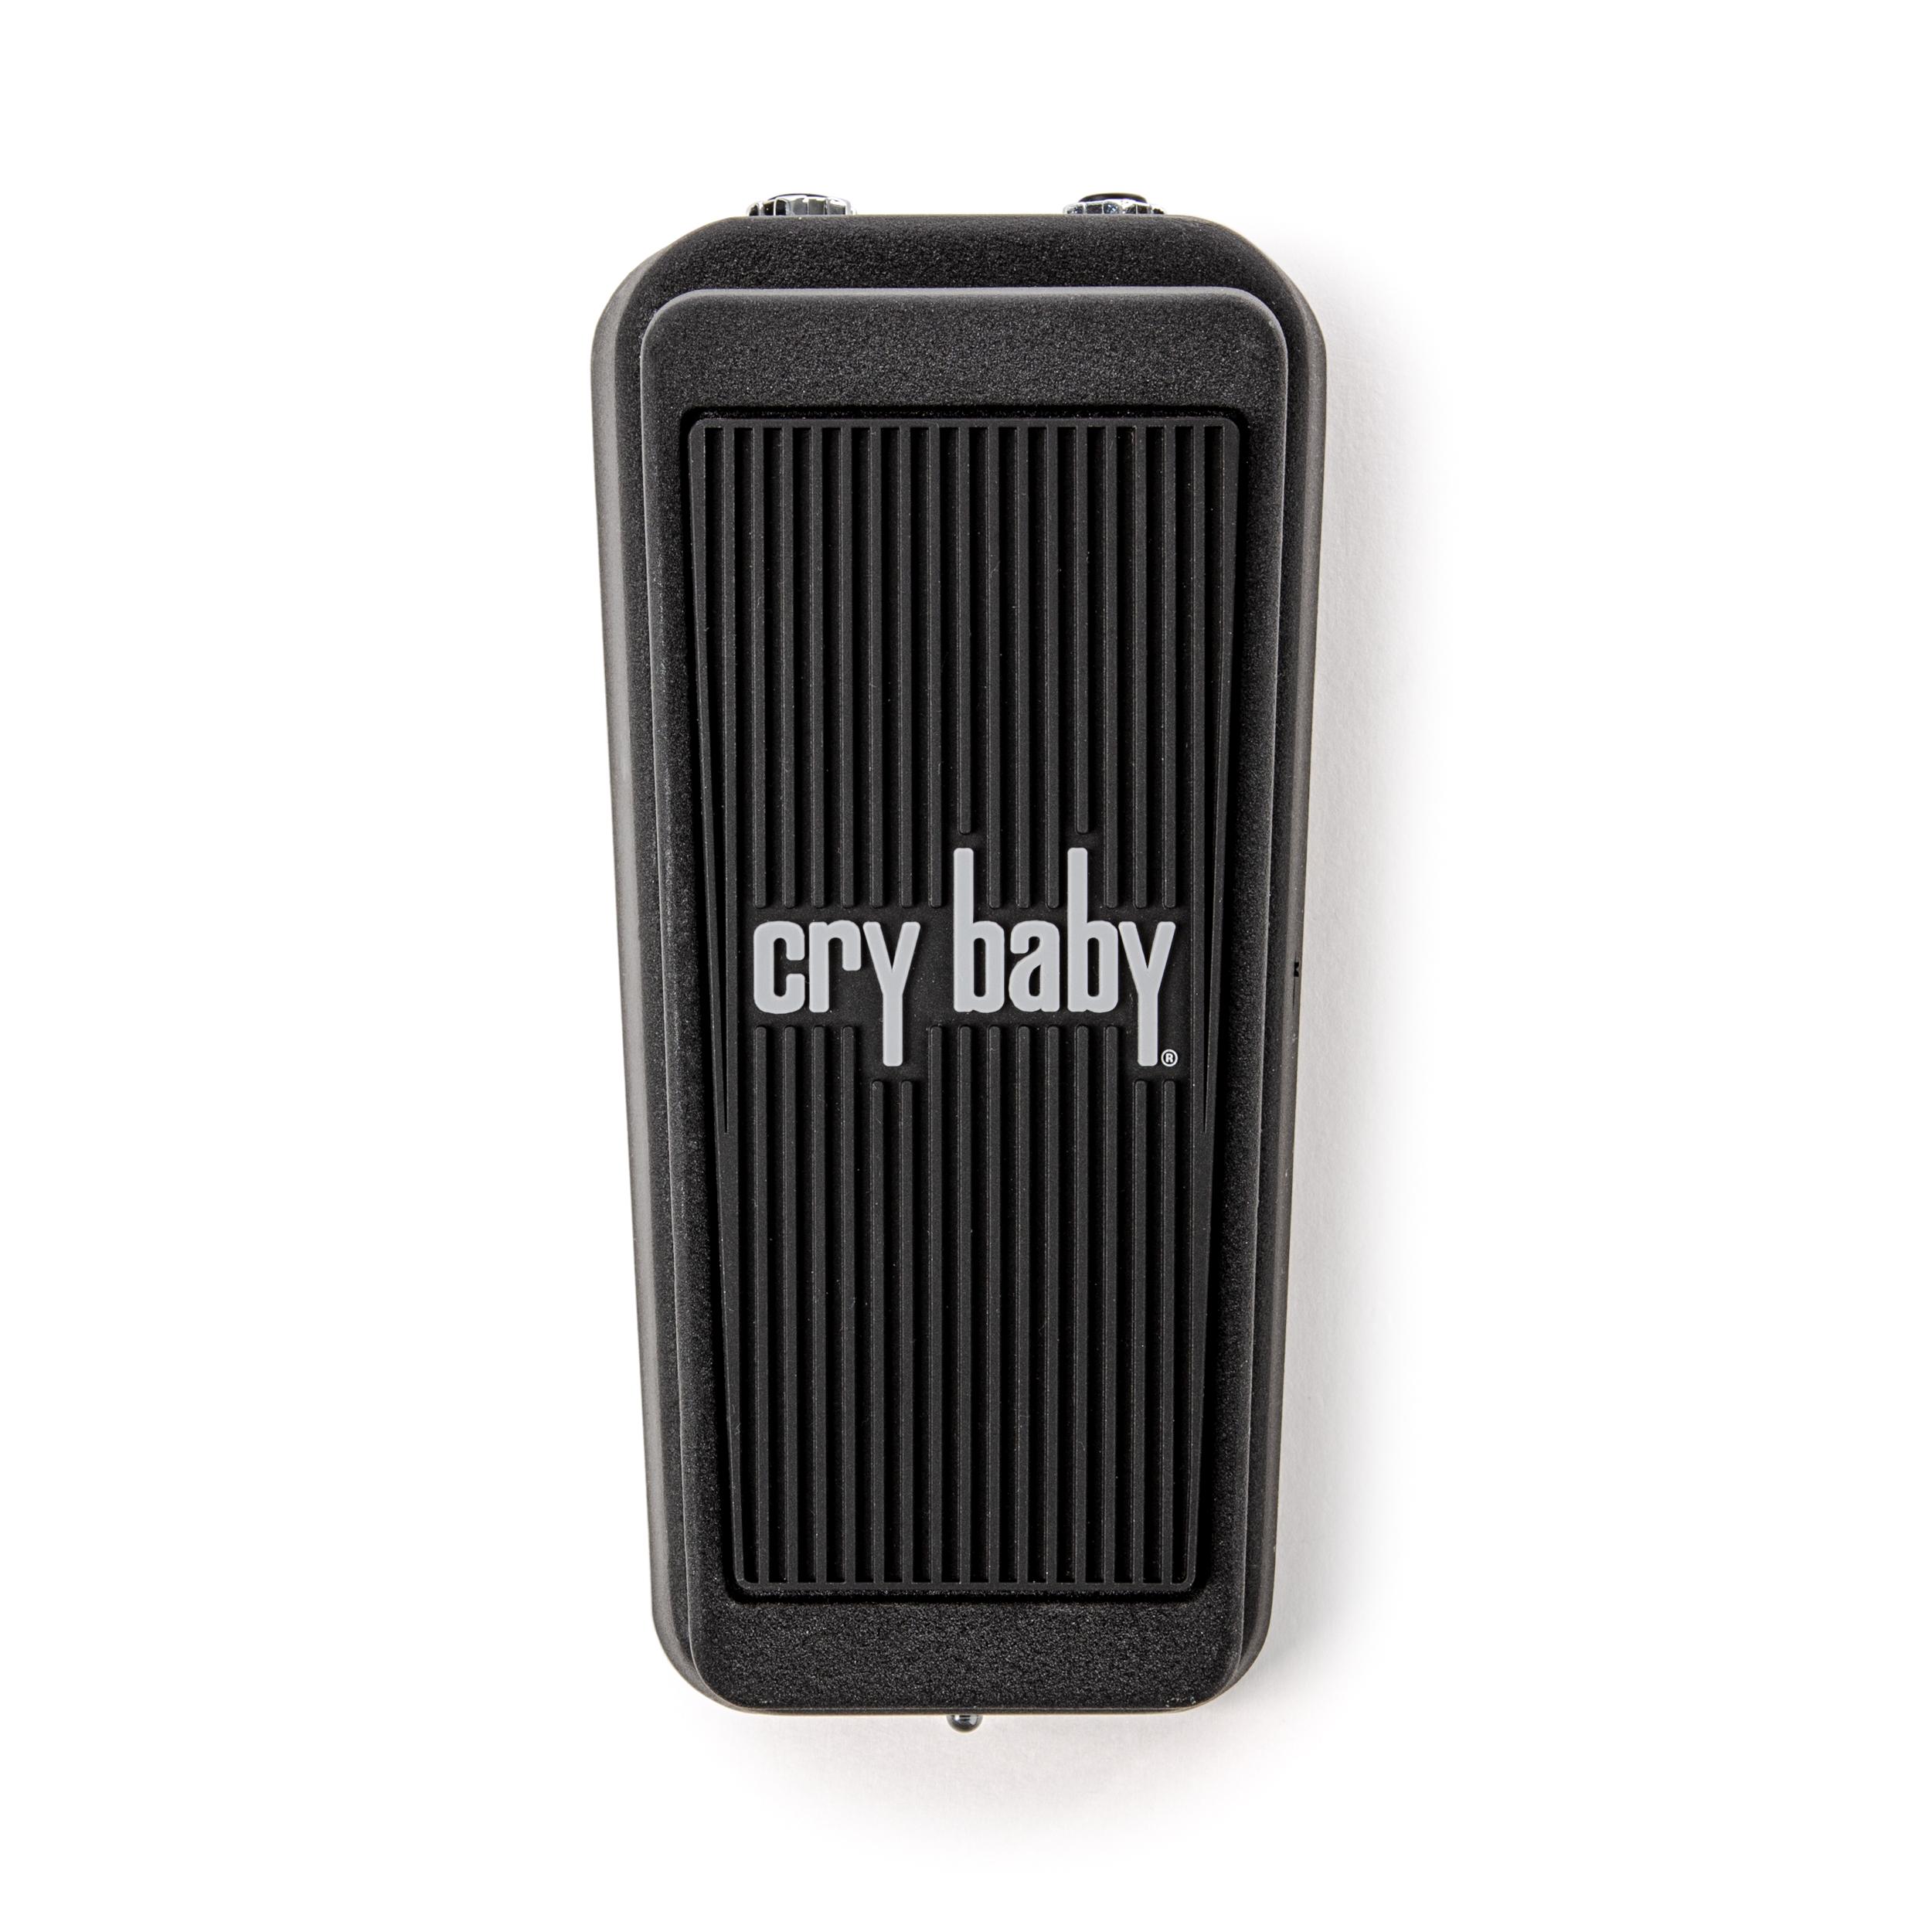 CryBaby Junior Wah